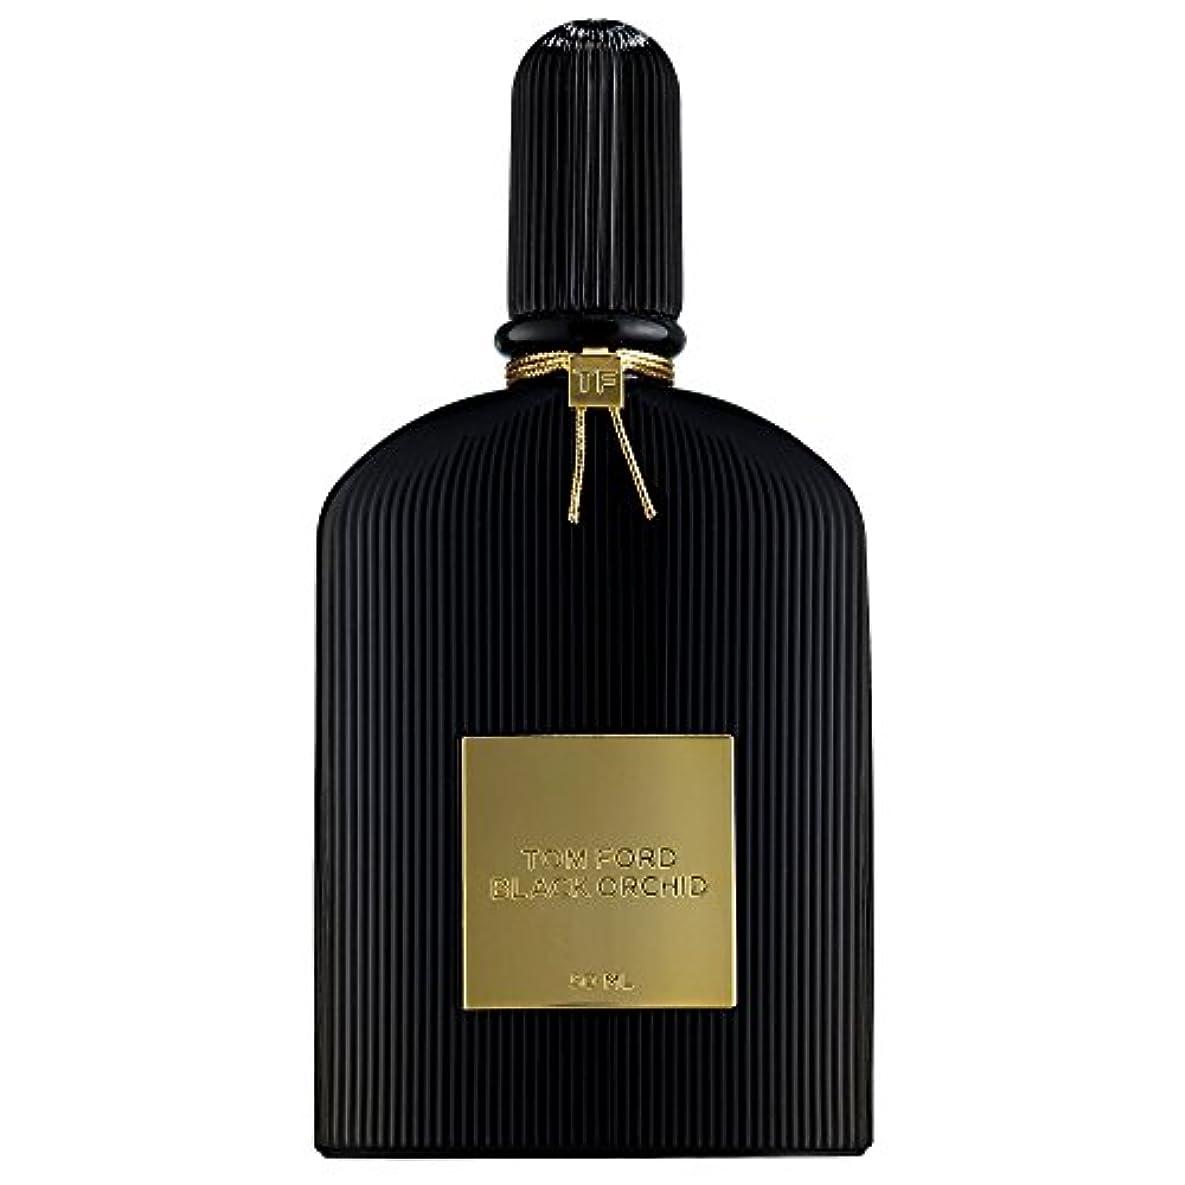 スリーブ花束アパートトムフォード ブラックオーキッドオーデパルファムスプレー 50ml